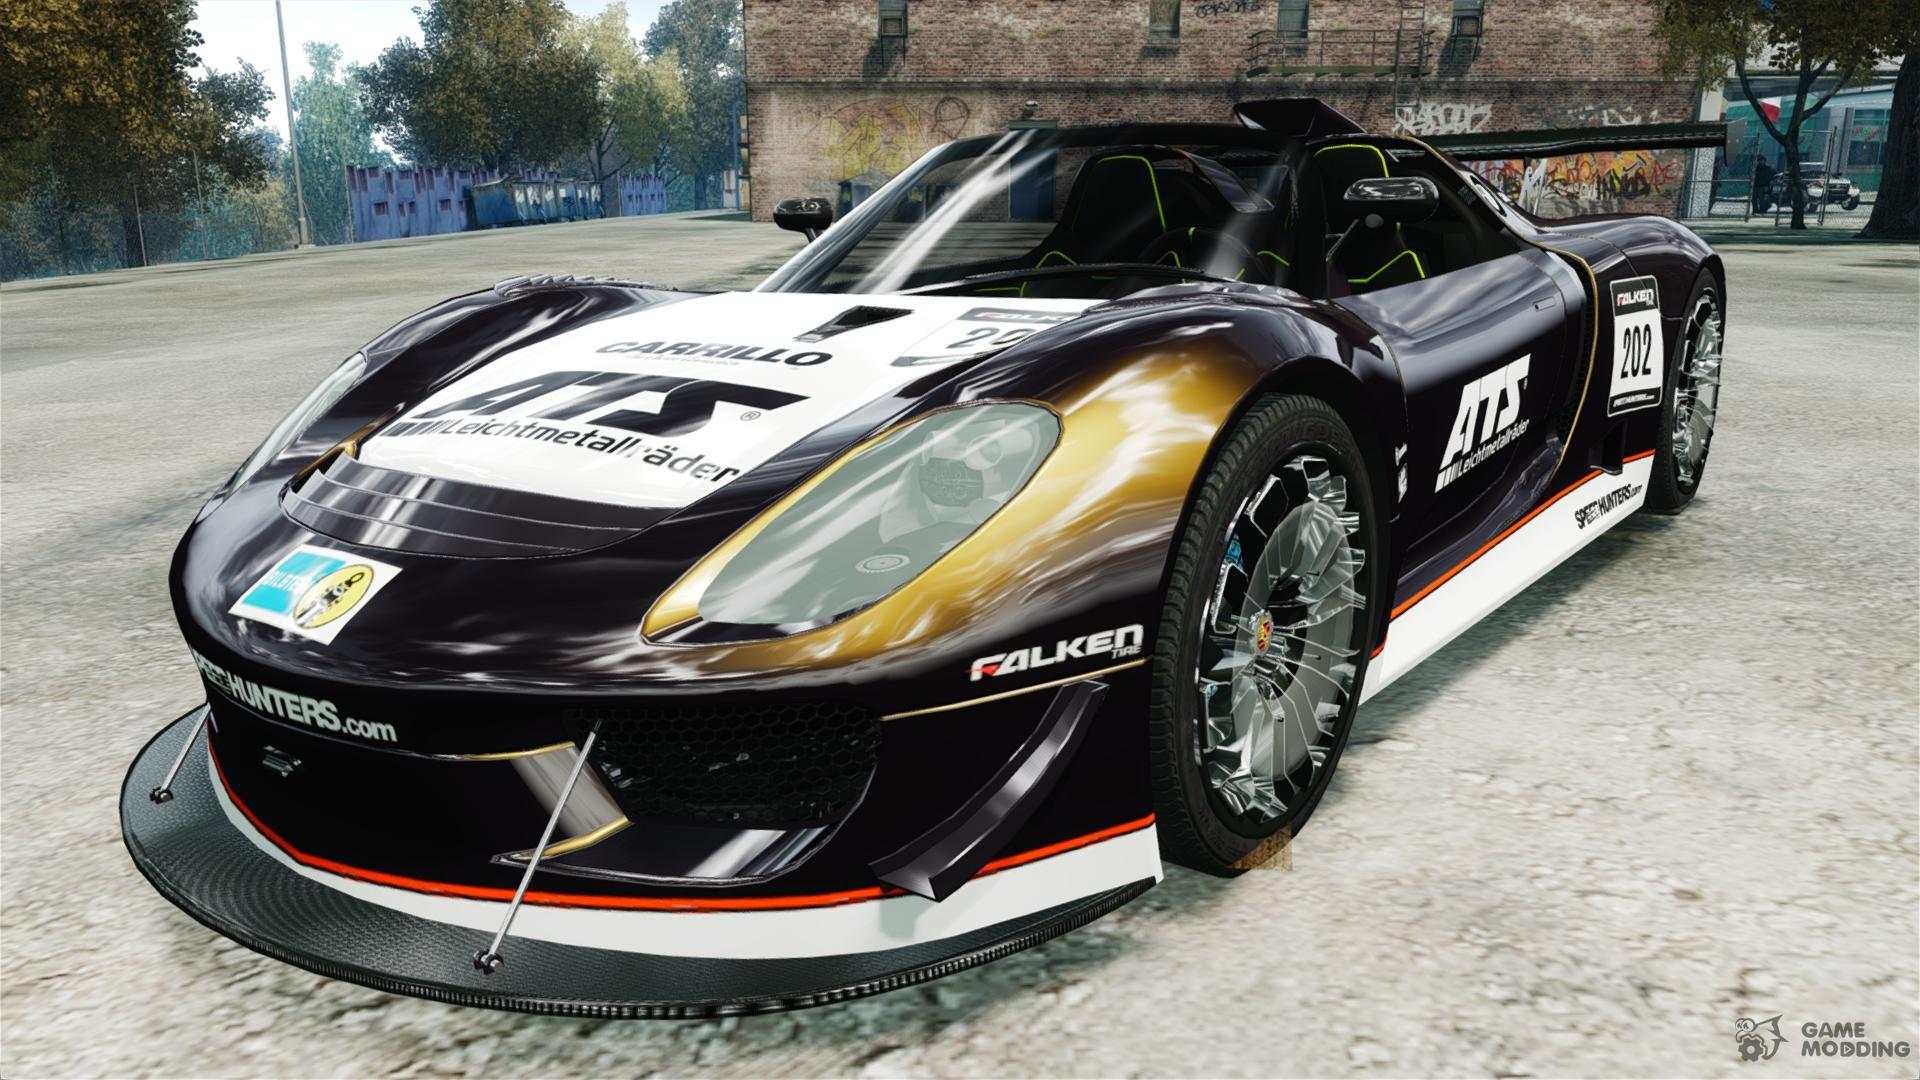 c2e1c5b2108ed299915b97634ed5a02eccae5cc8e1e43e39ee11c8b6e4cdab50 Fabulous Porsche 918 Spyder Nfs Mw Mod Cars Trend